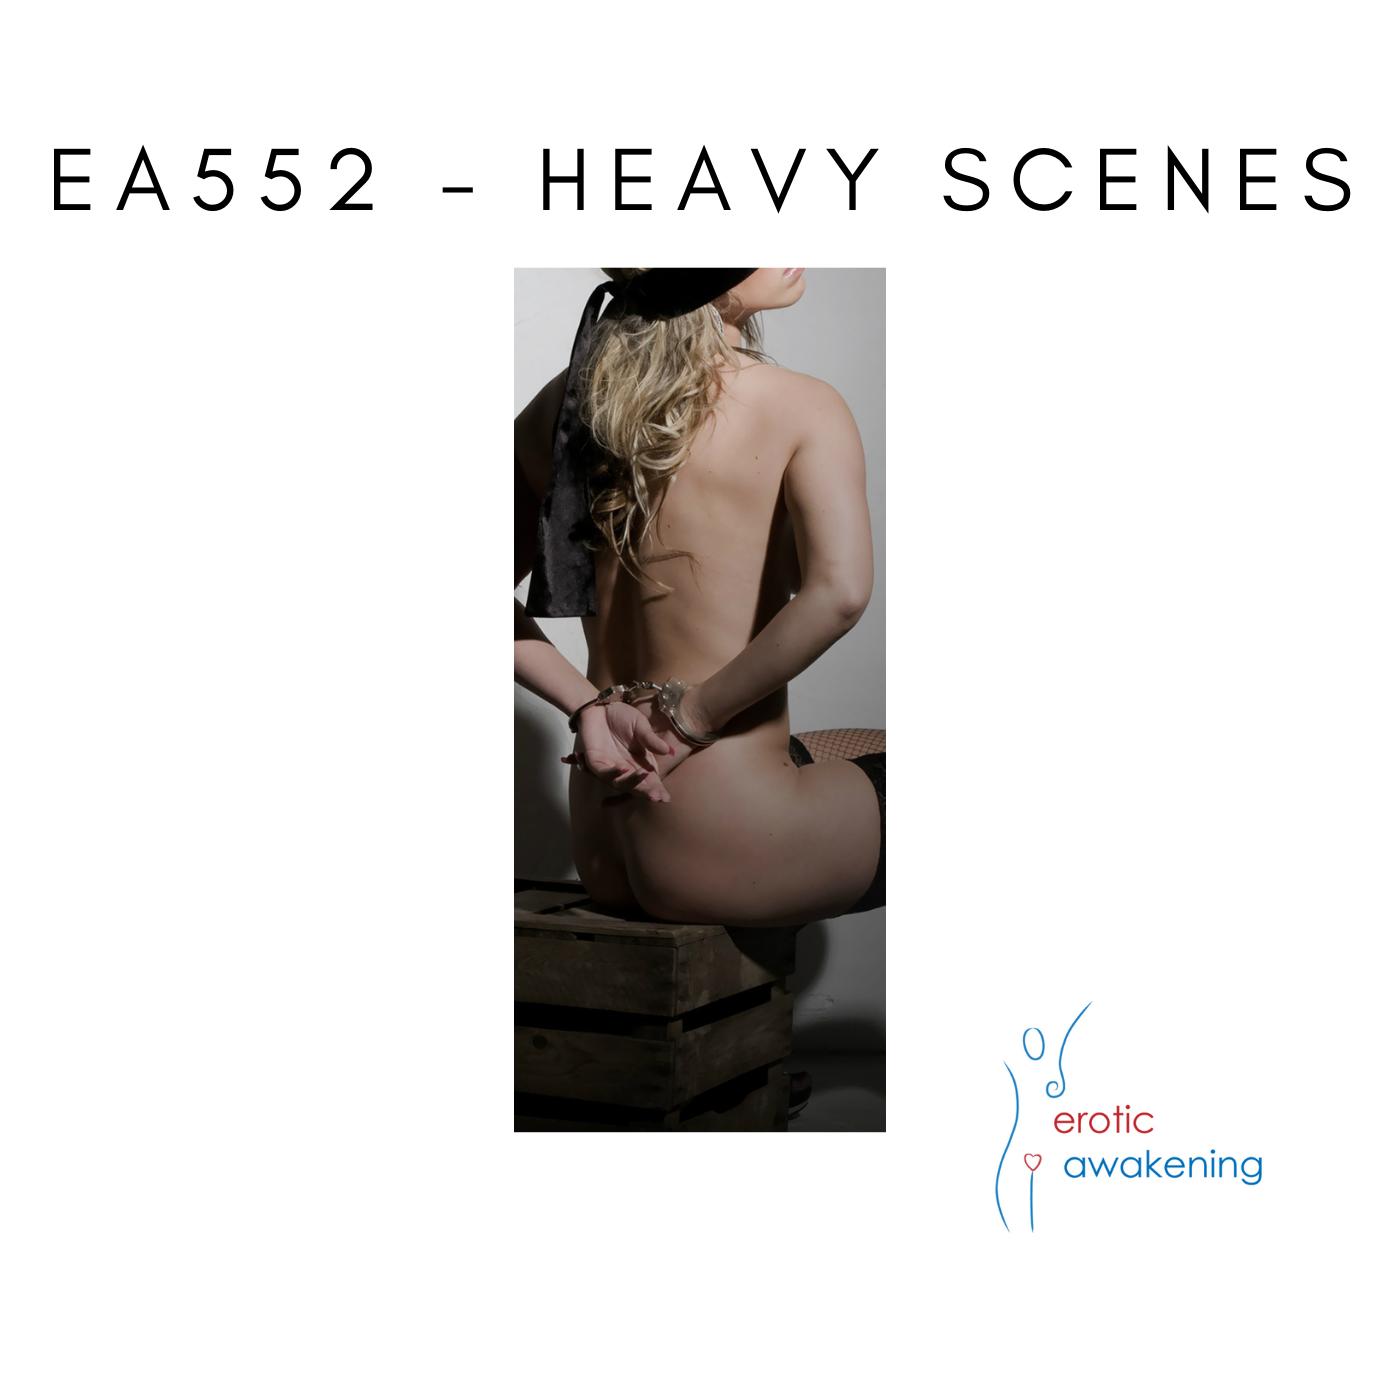 Erotic Awakening Podcast - EA552 - Heavy Scenes